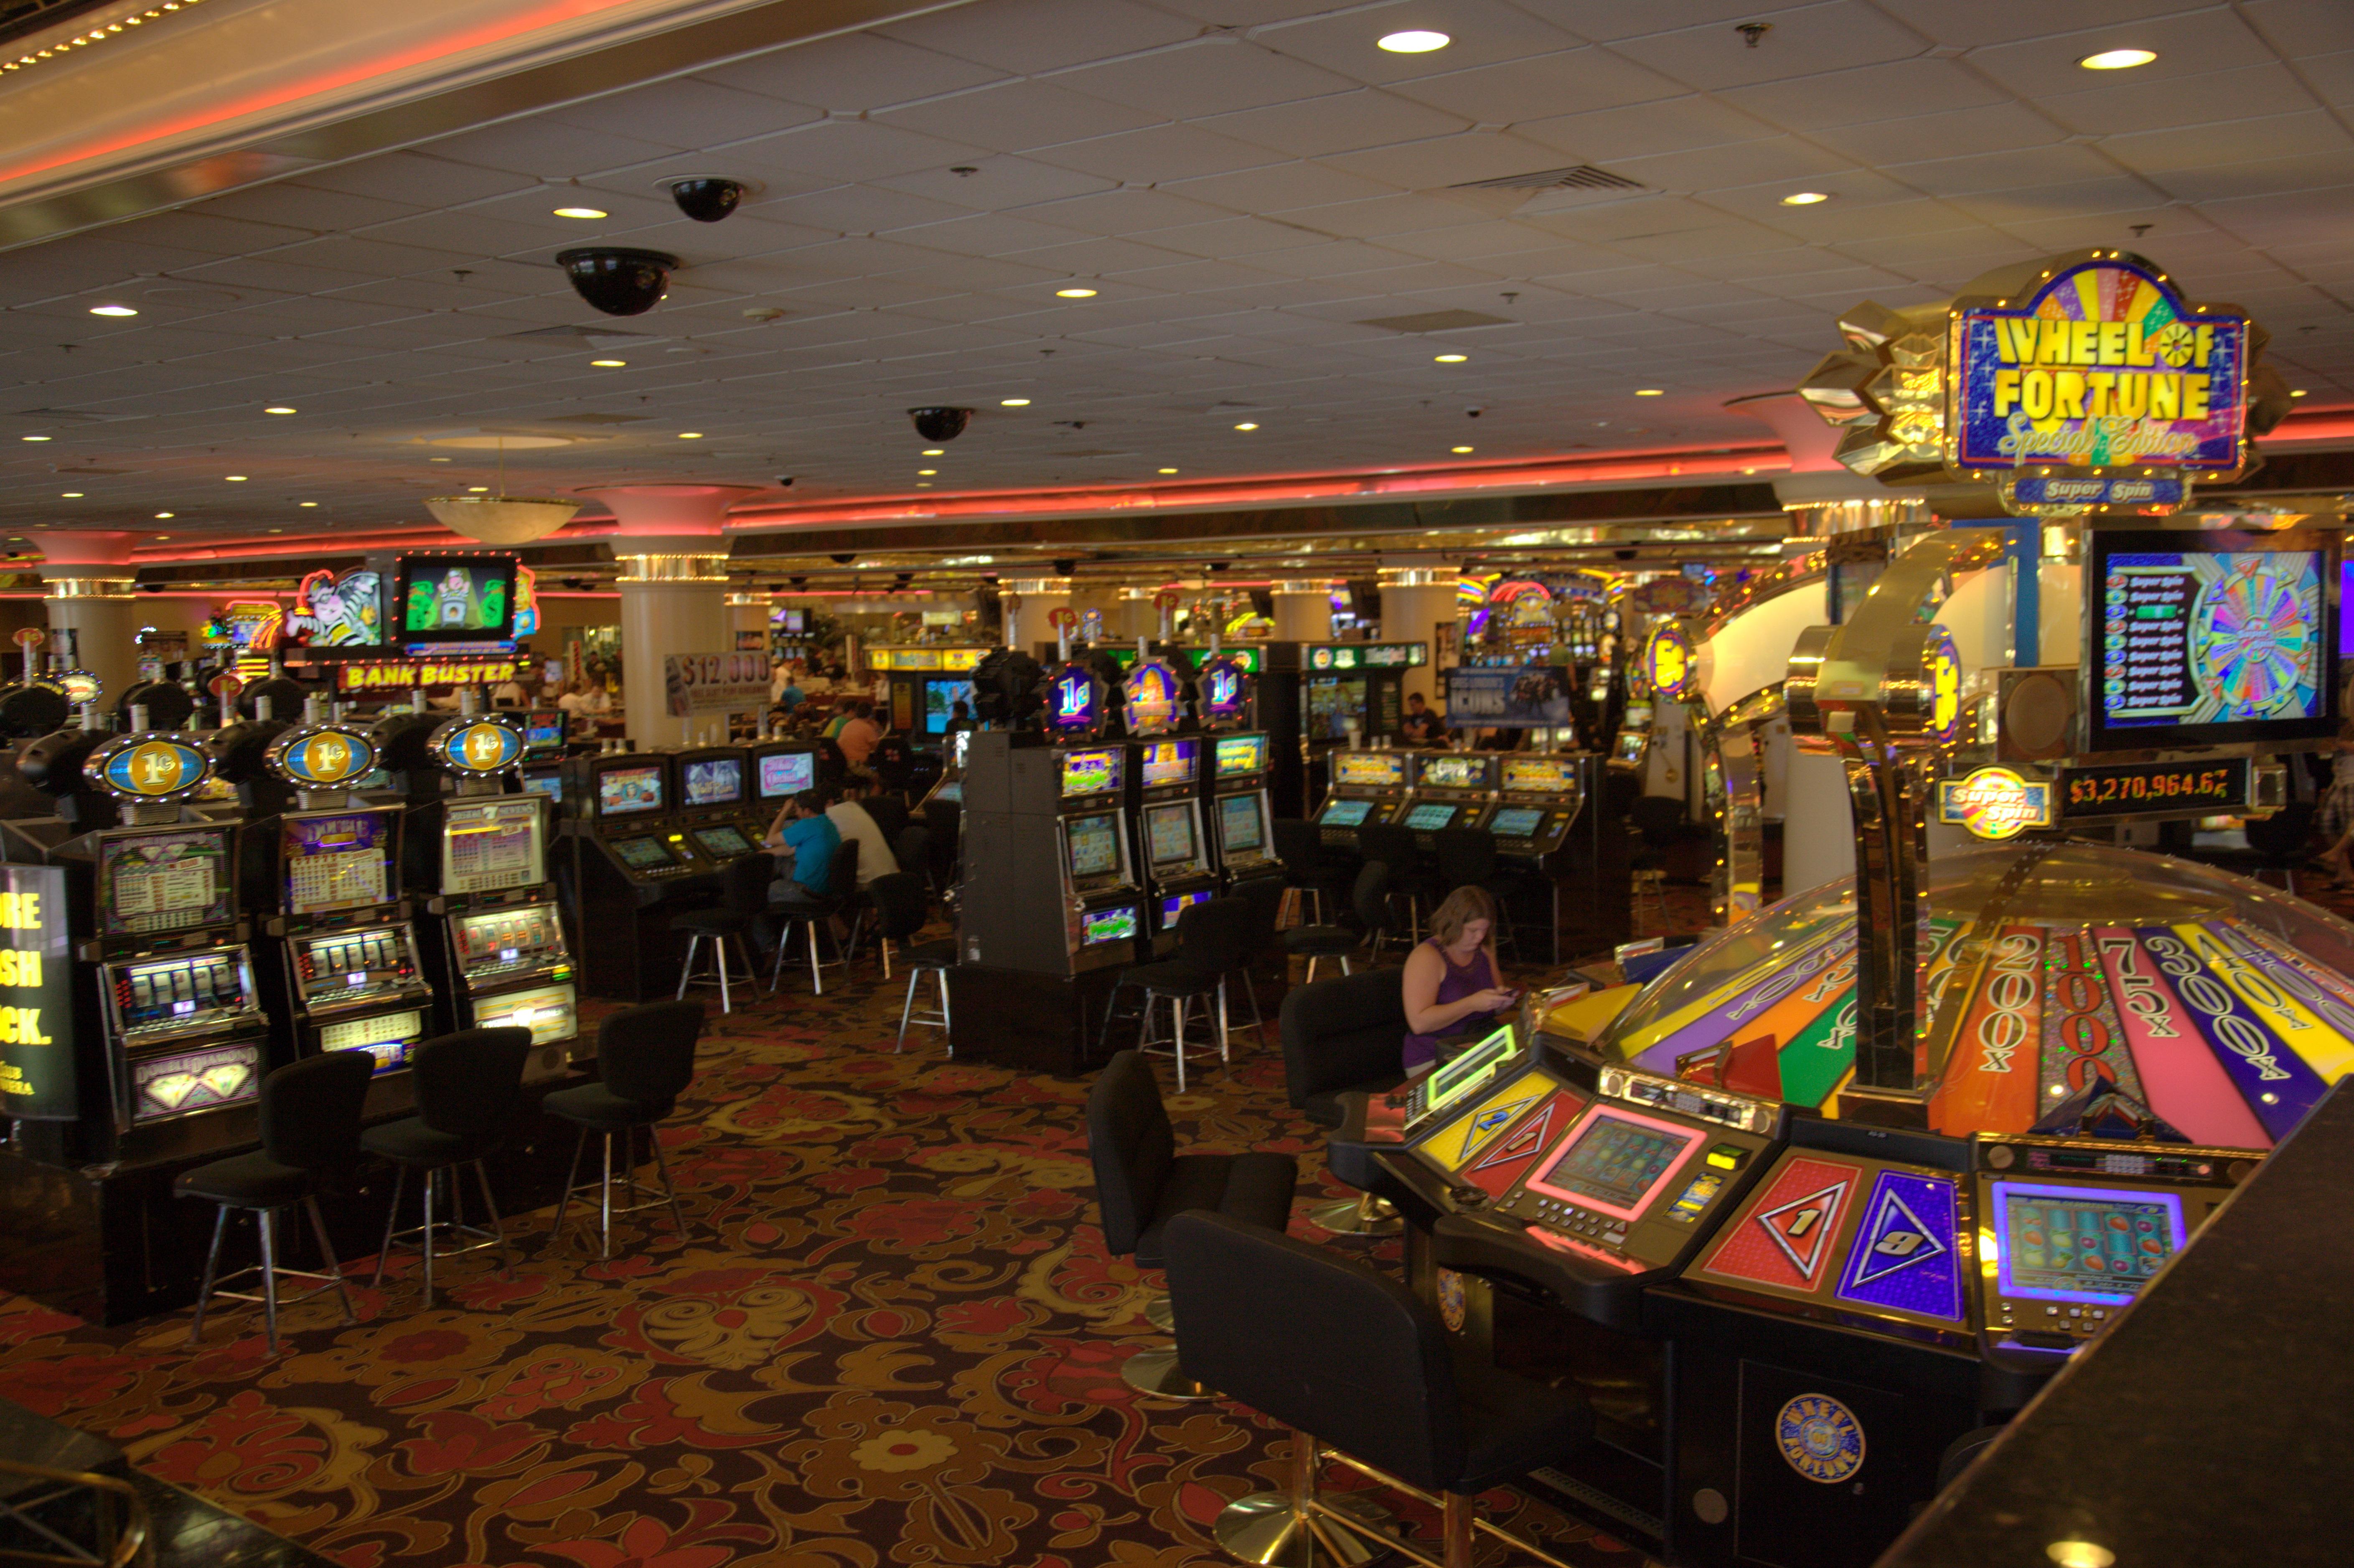 Veneto hotel casino panama